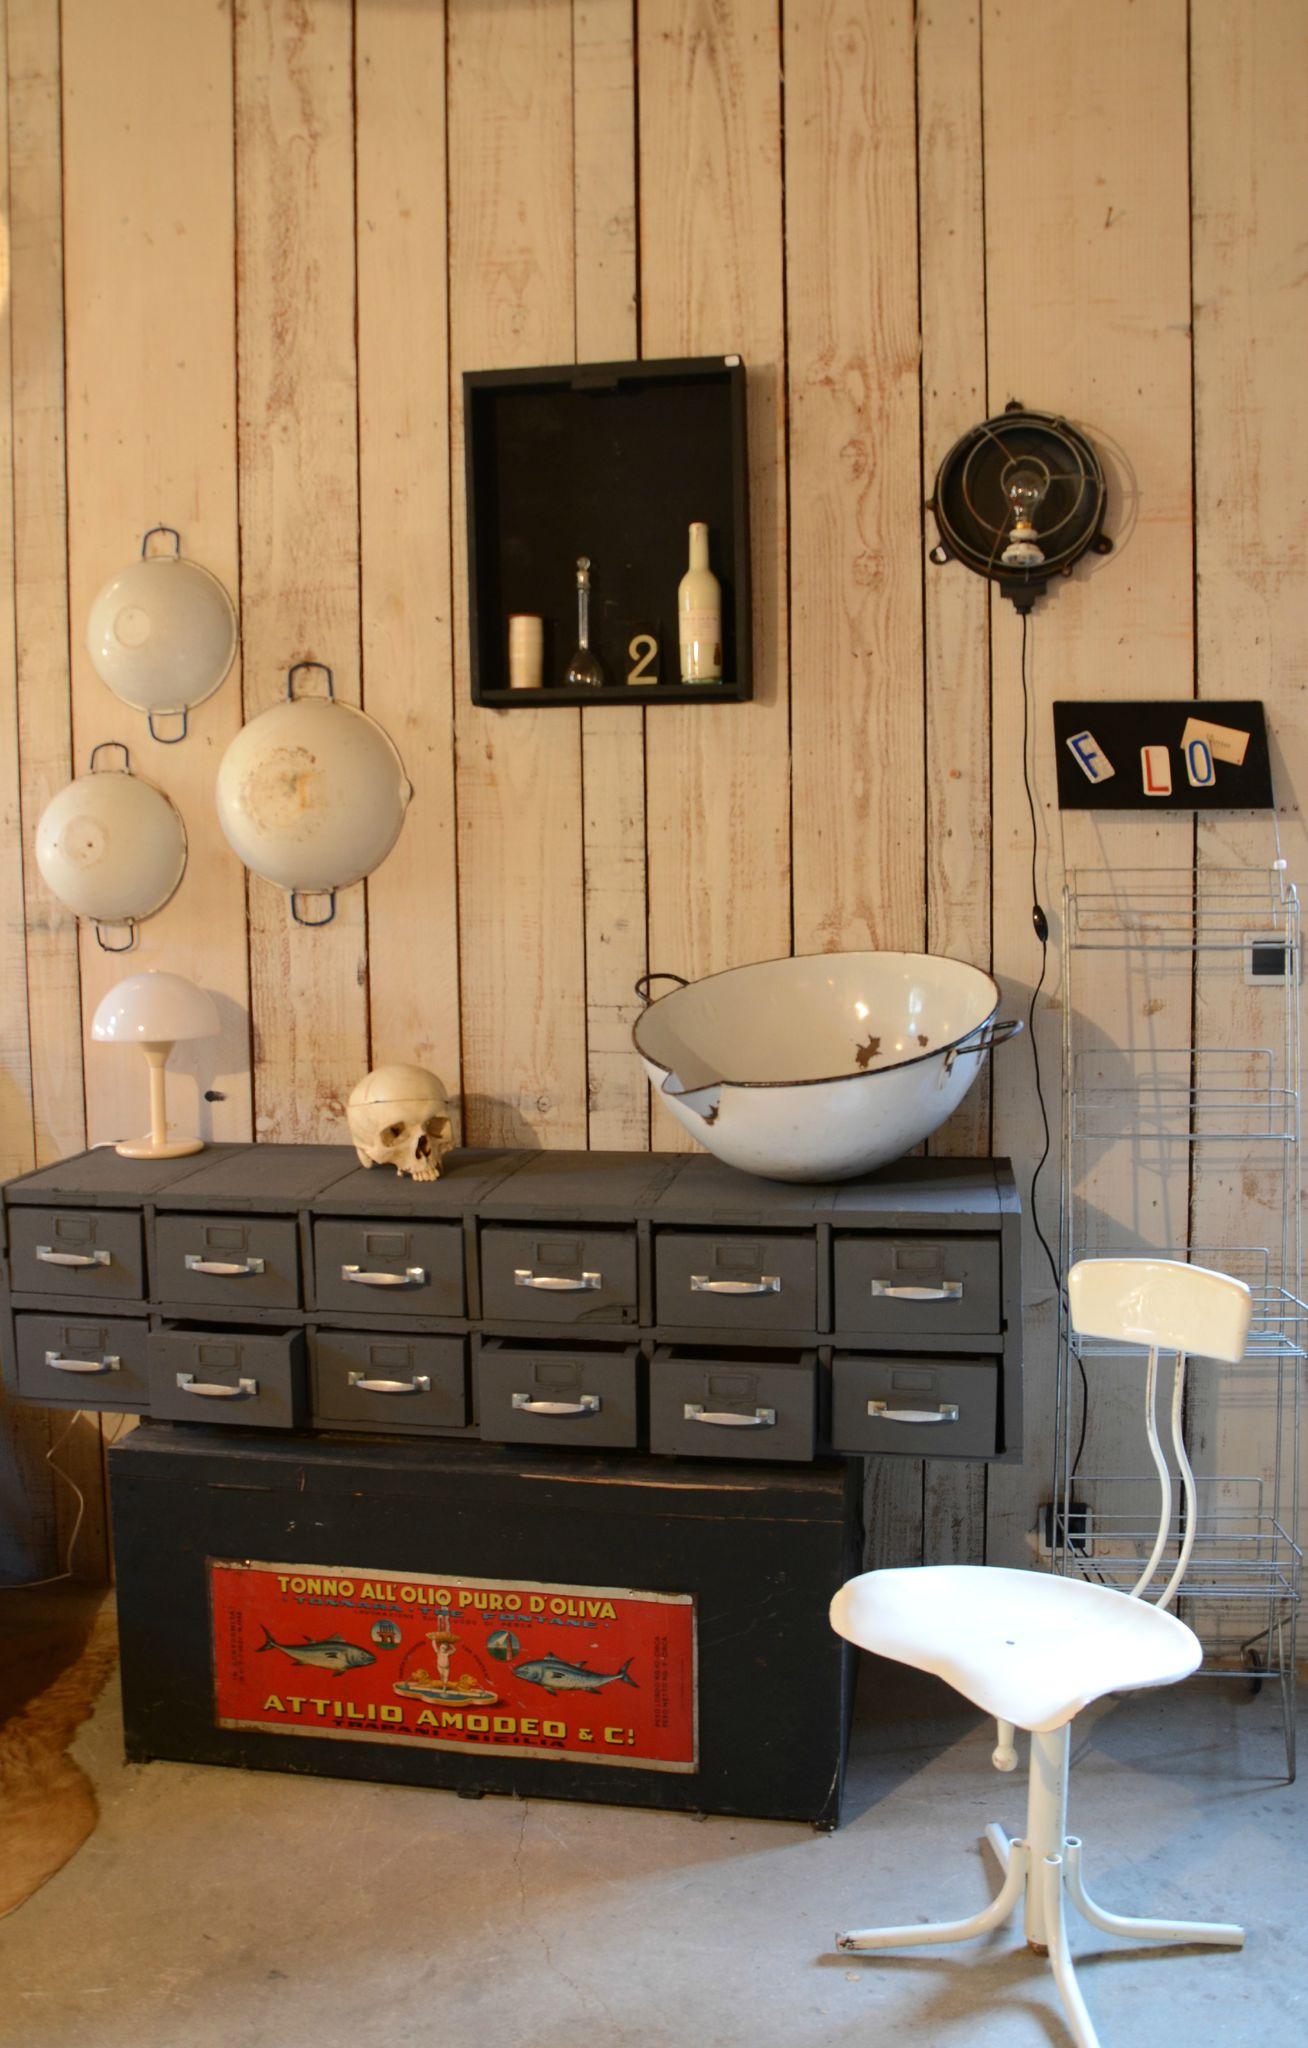 brocante de la bruyere nouveaut s et ambiance bruy re curieuse. Black Bedroom Furniture Sets. Home Design Ideas